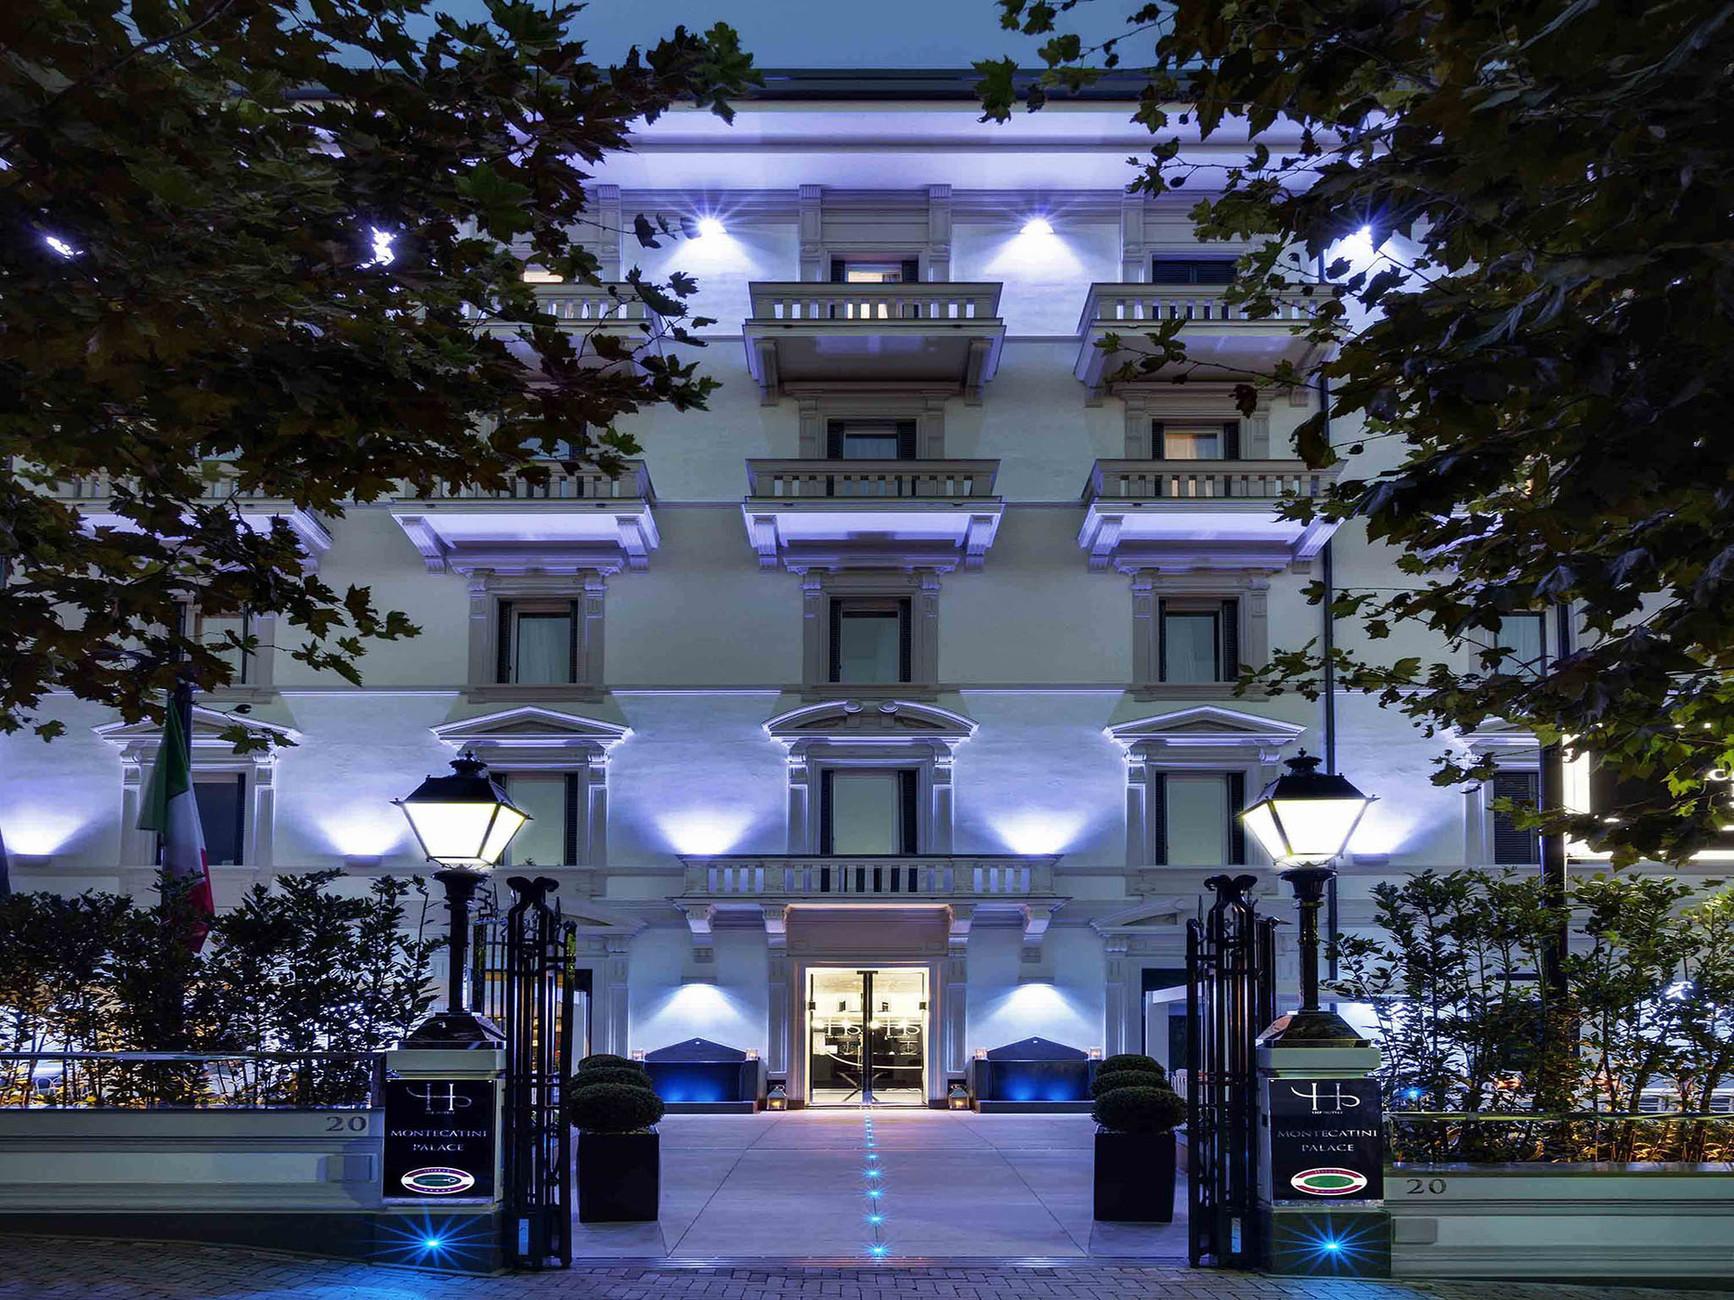 Готель розташован у самісінькому центрі міста. Звідси вам буде зручно відвідувати термальні комплекси, куштувати італійське джелато та насолоджуватися кавою на сусідніх вуличках та просто гуляти містом і численними парками.